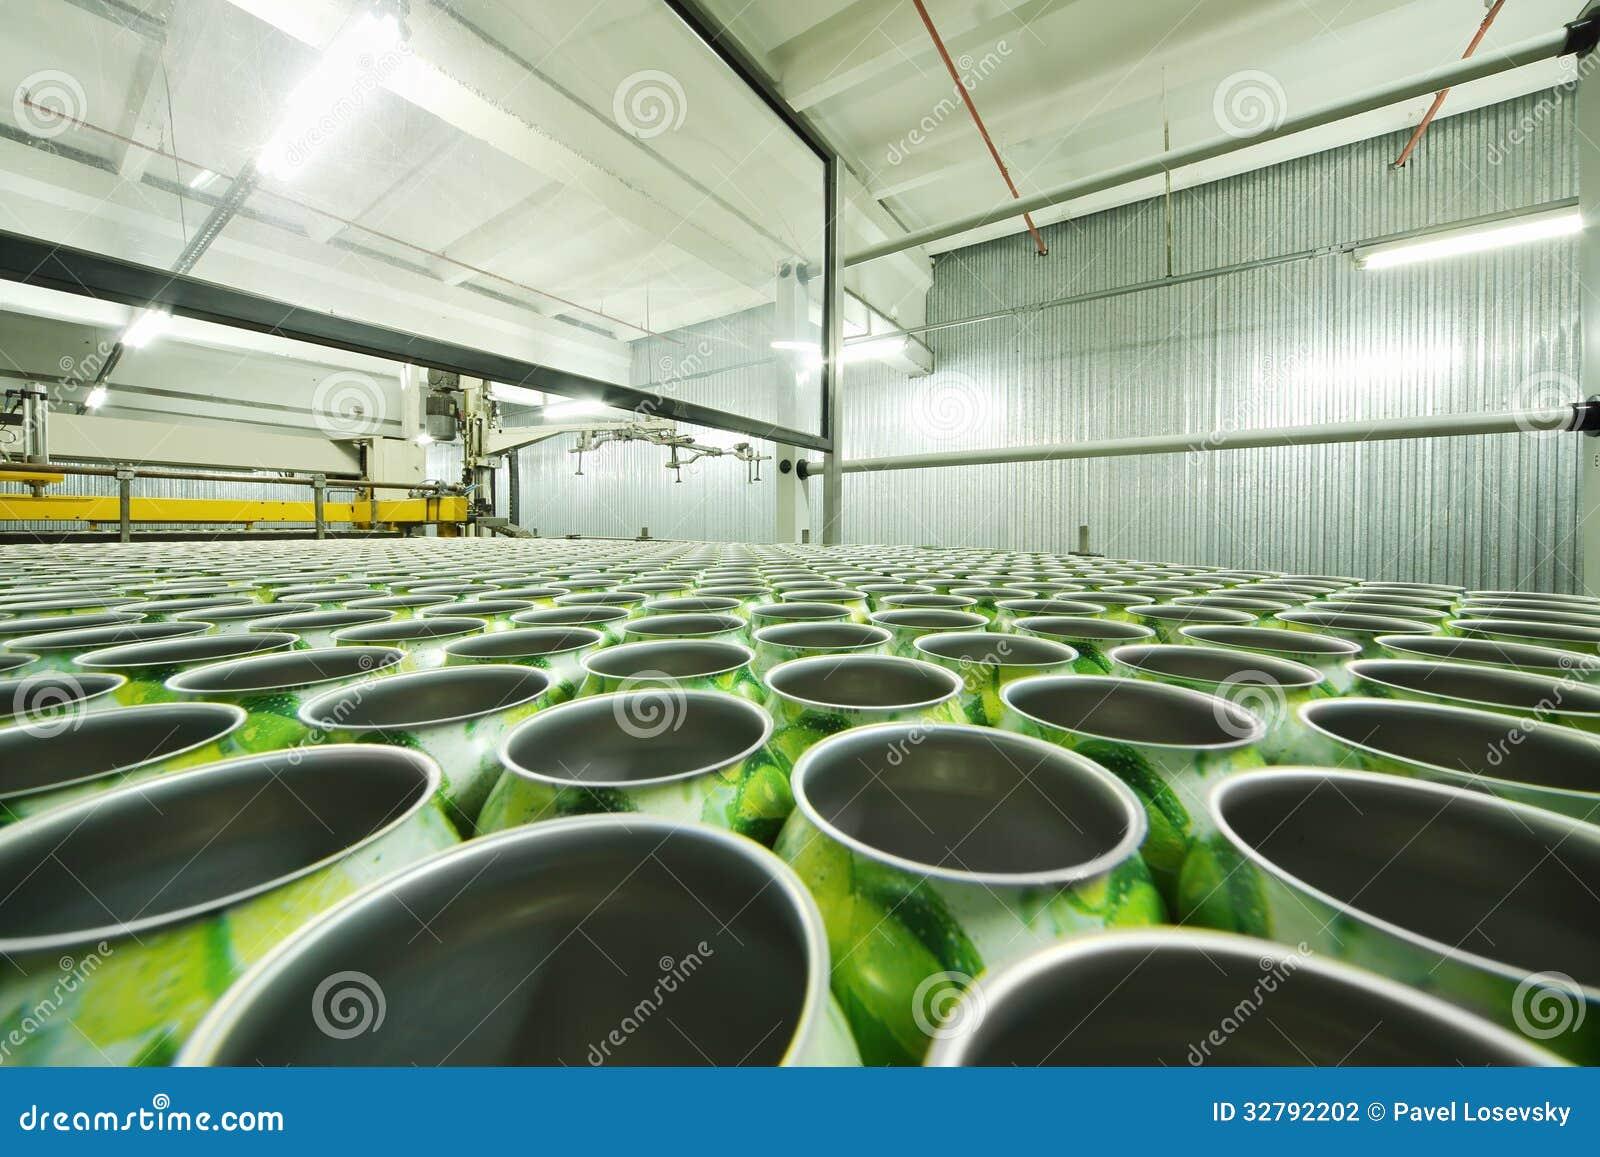 Sort de boîtes en aluminium vertes pour des boissons dans l atelier